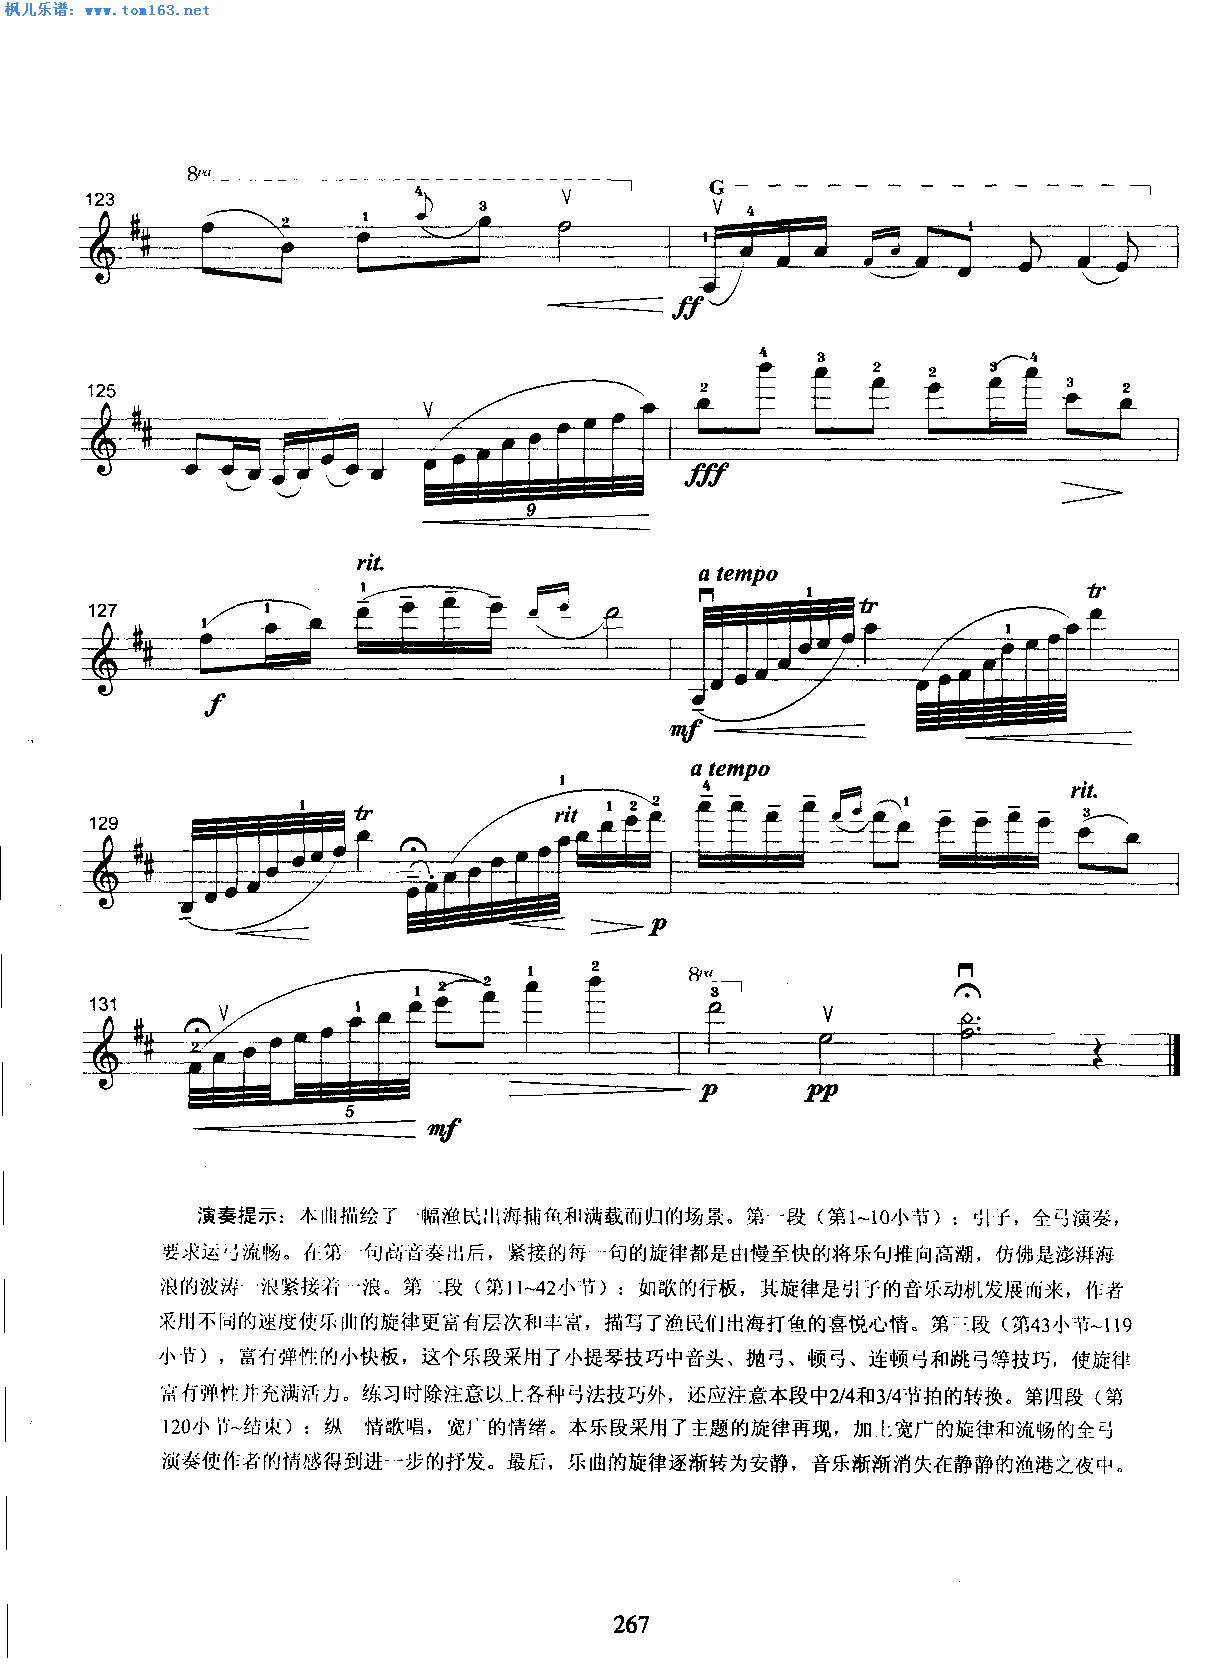 丰收渔歌(李自立)小提琴谱